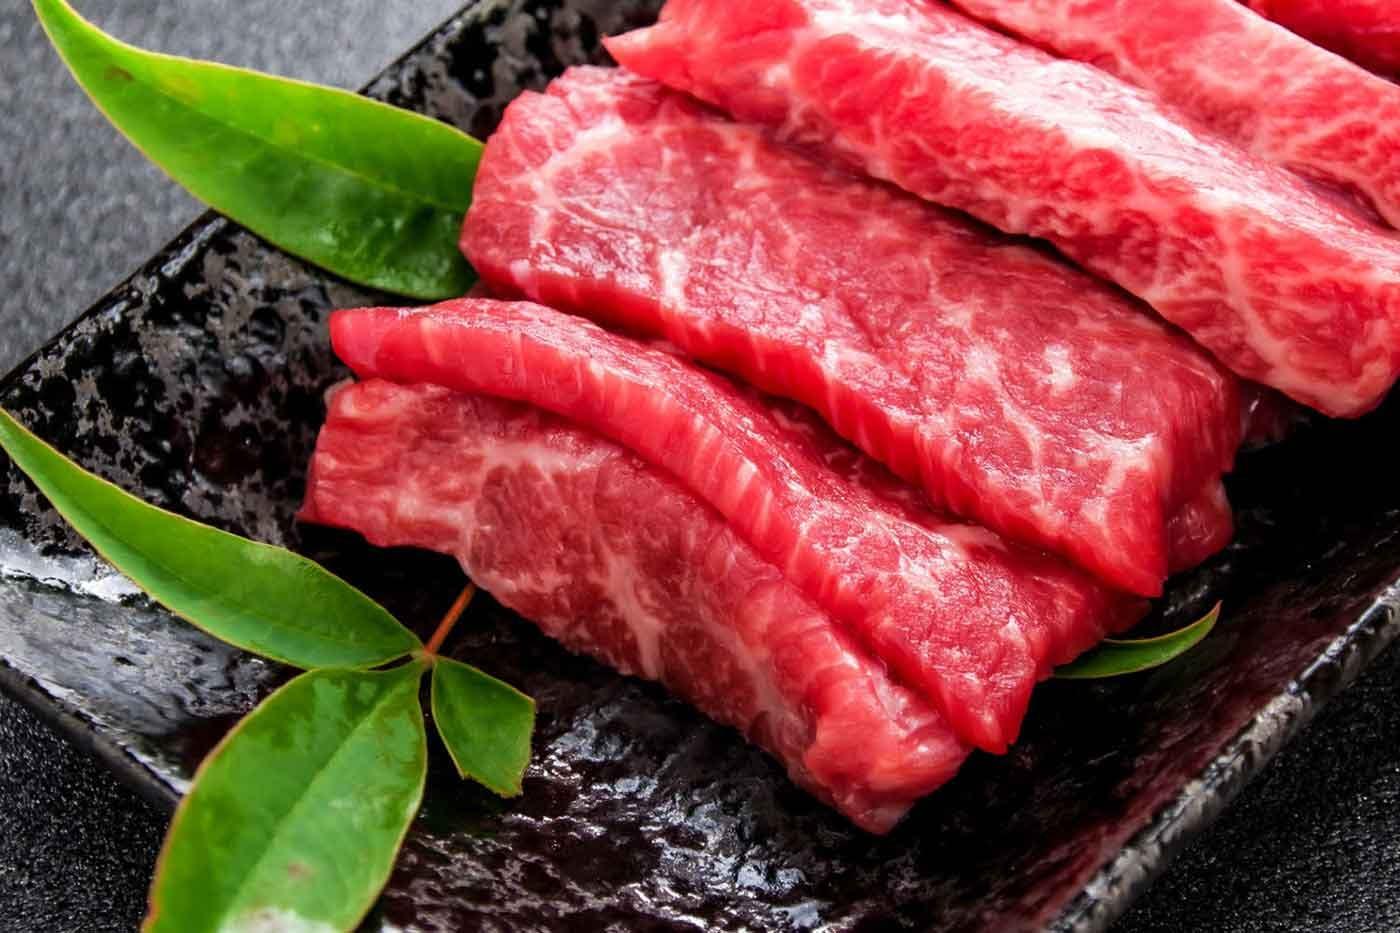 広島ドッググランピング 温井ダムリゾートのBBQ用食材